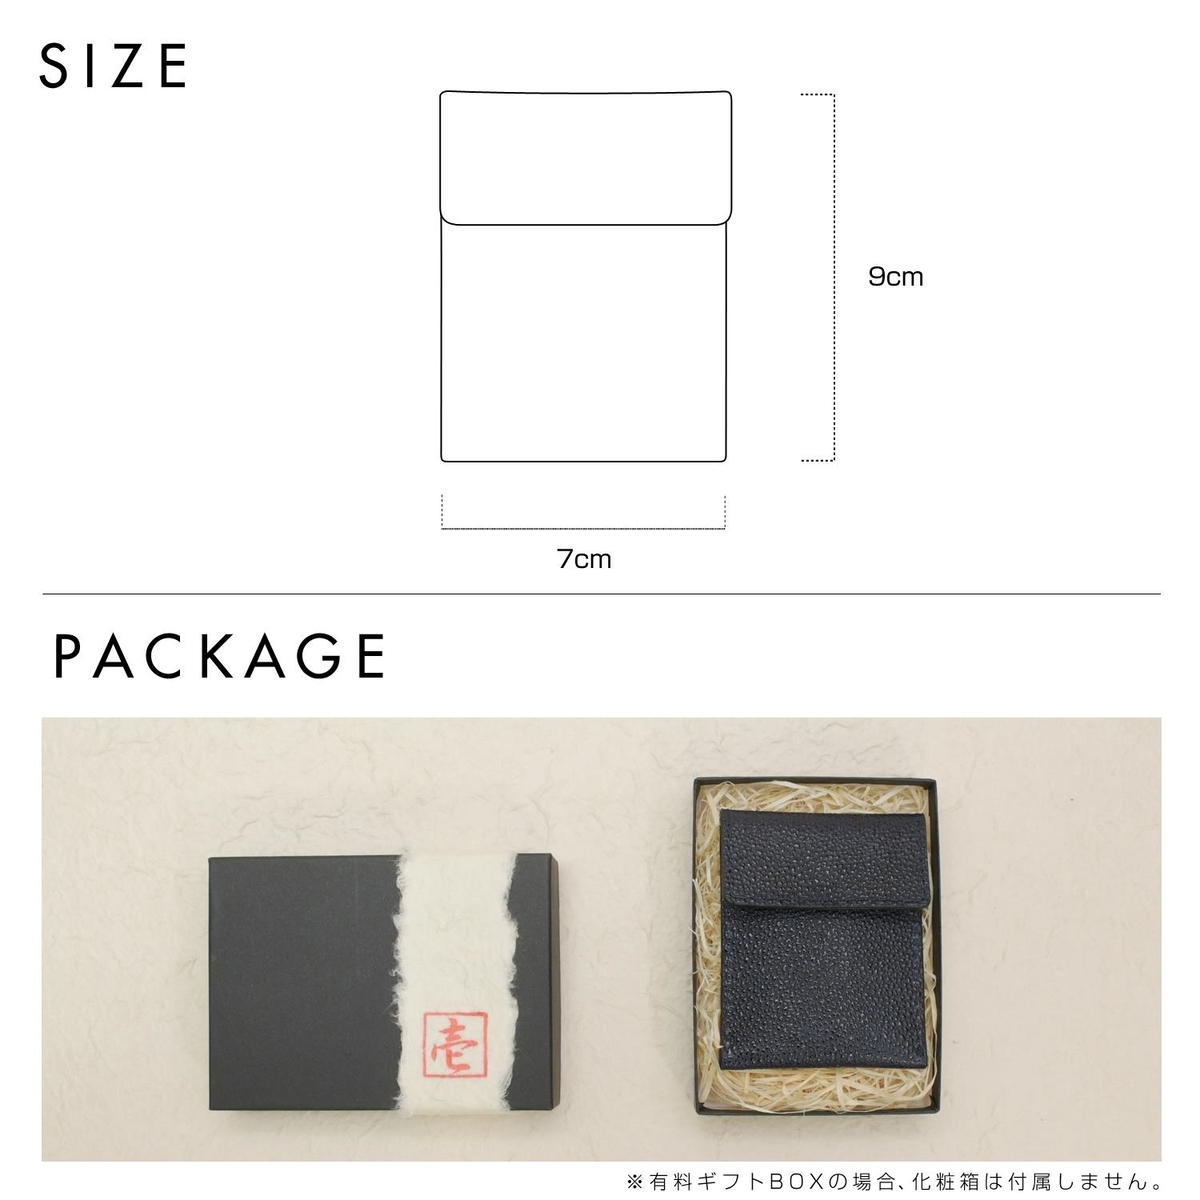 名入れ 黒桟革 藍染め 携帯灰皿 アッシュトレイ 刻印付き レザー 漆塗り 灰皿 エチケット 高級 ギフト プレゼント